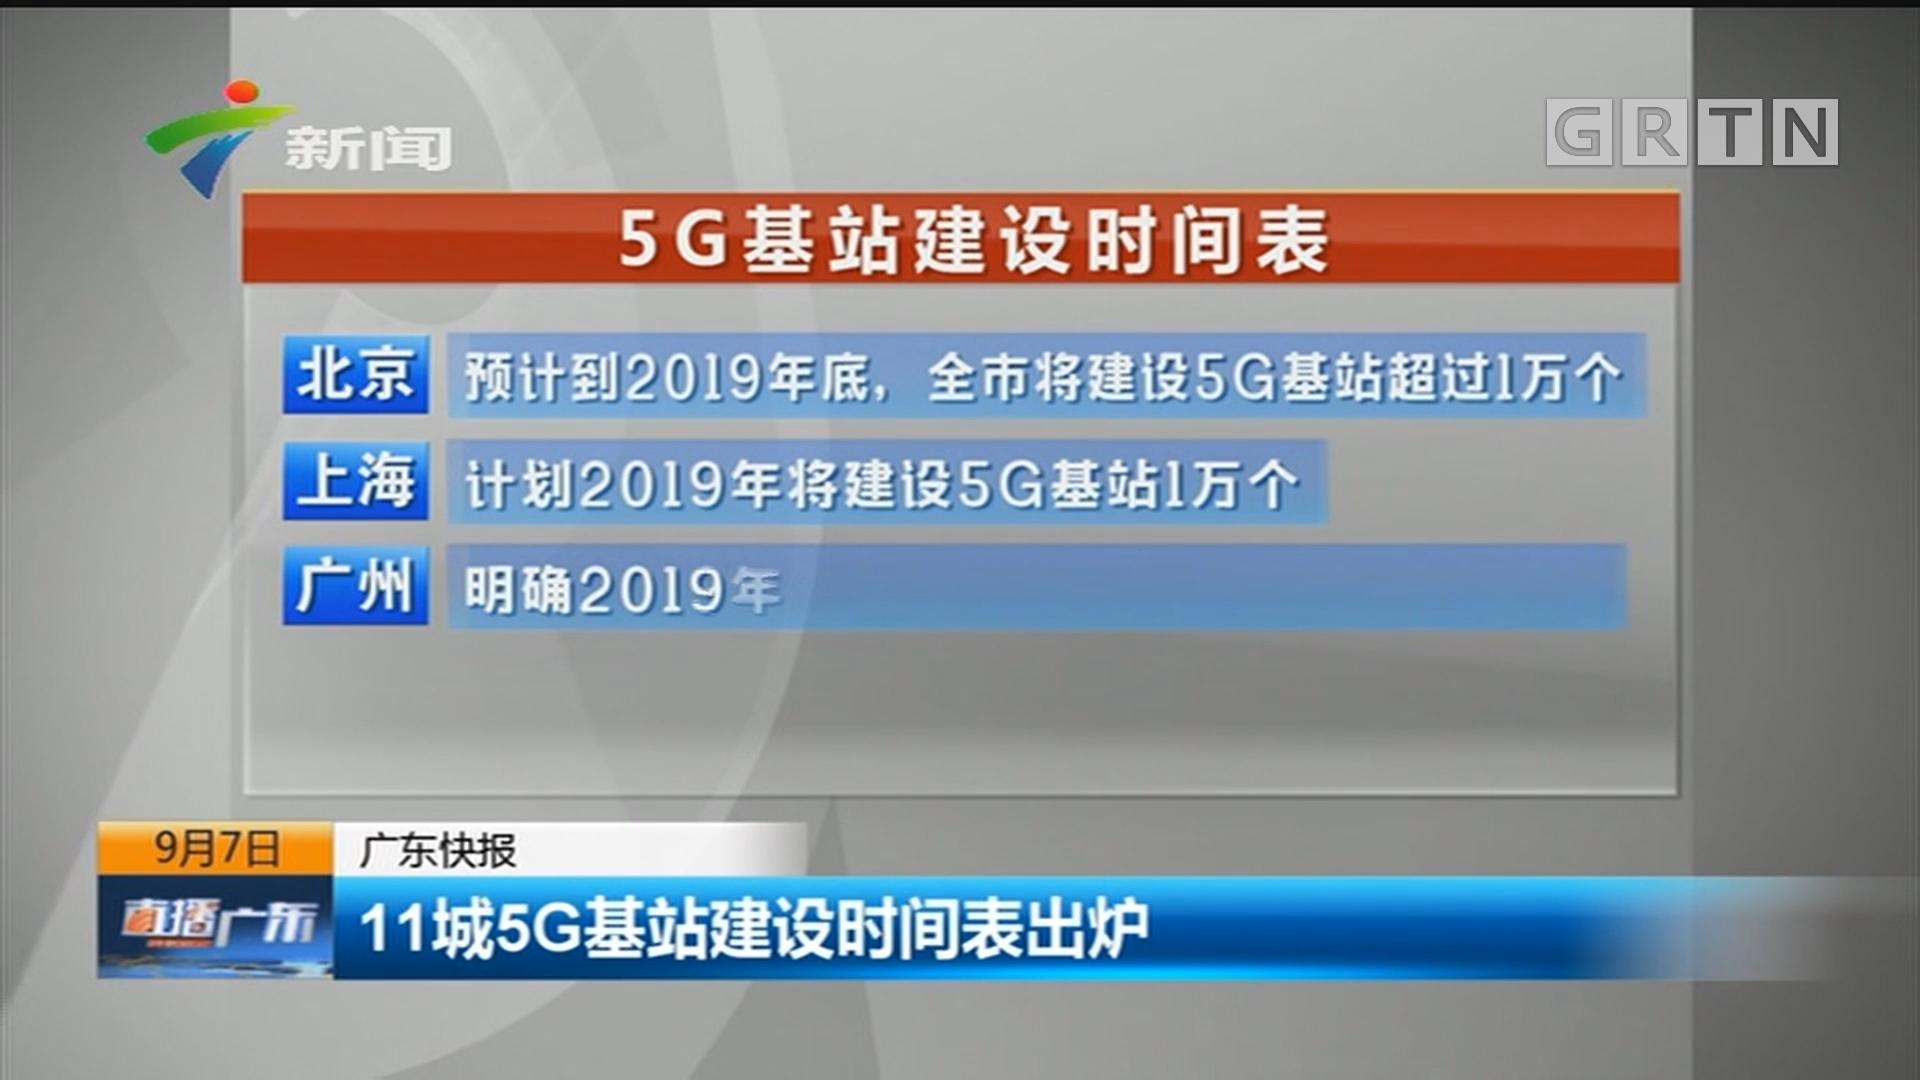 11城5G基站建设时间表出炉